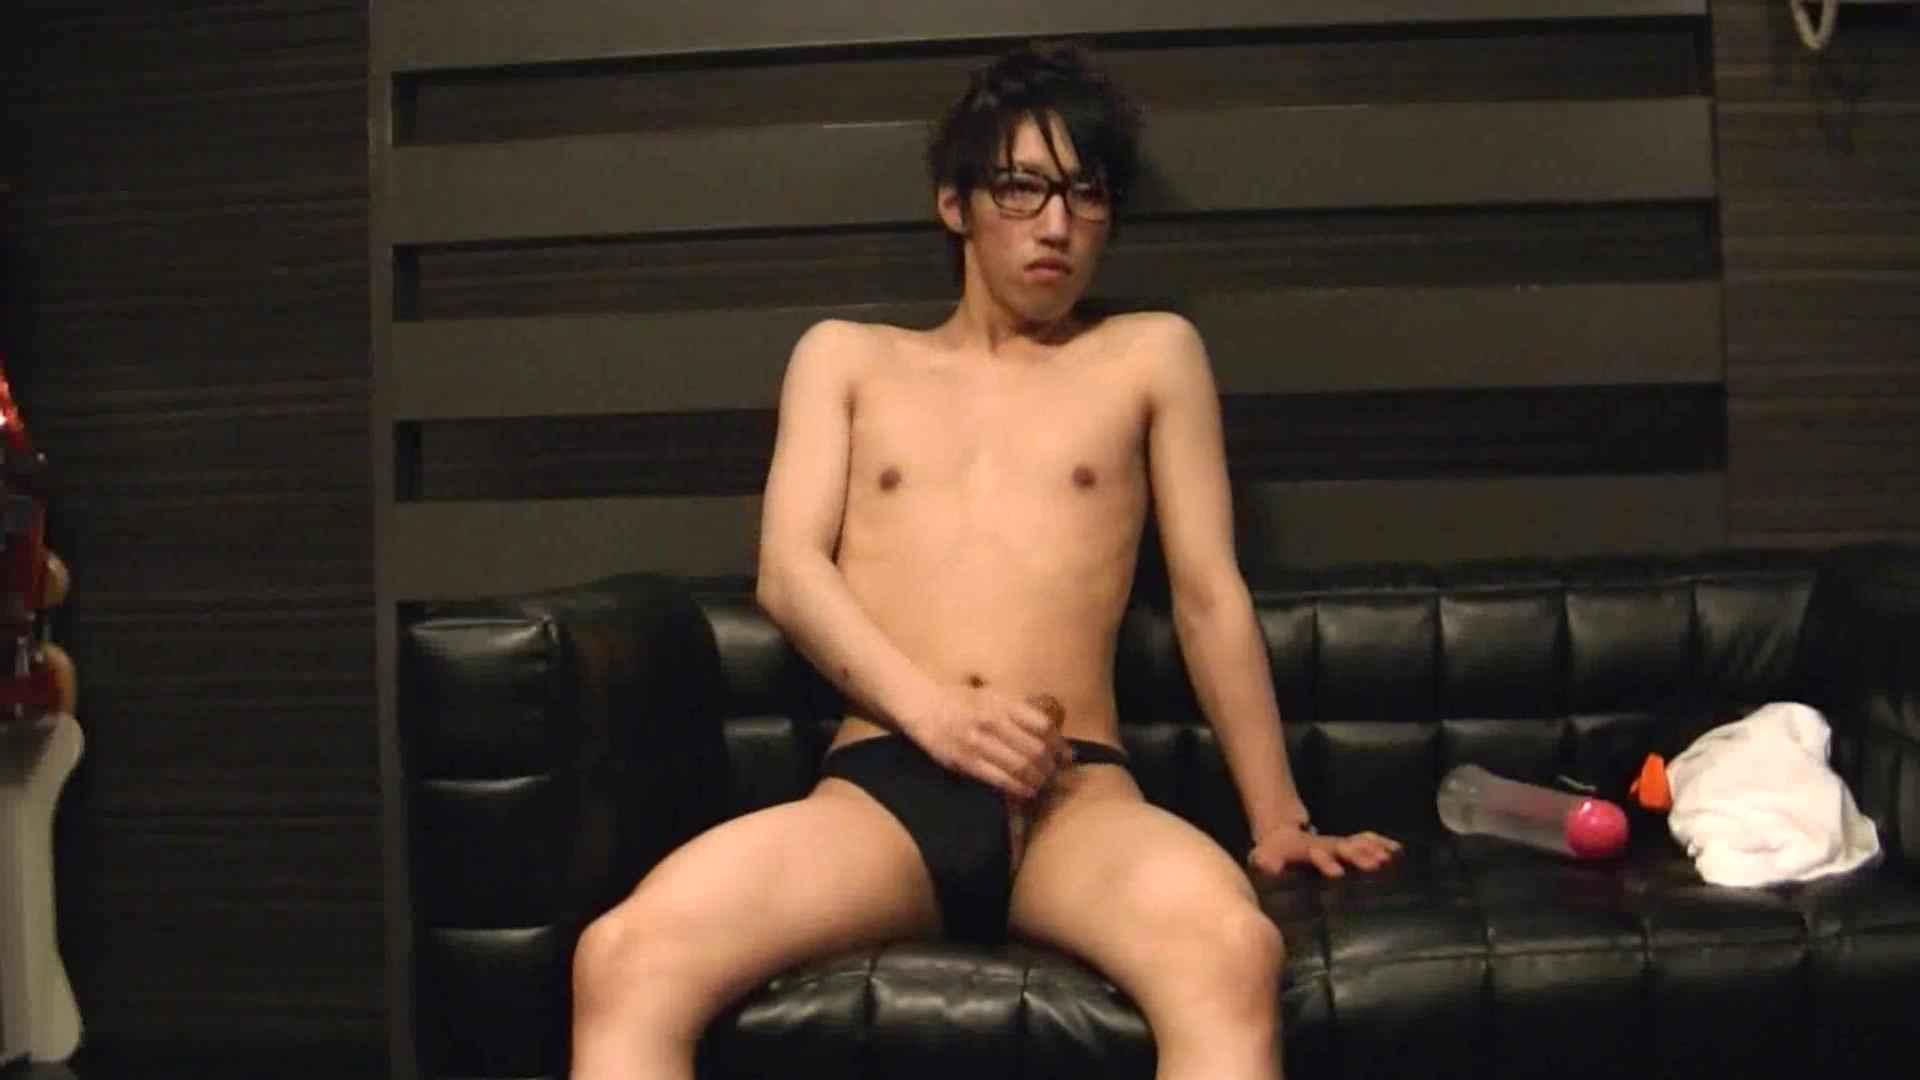 ONA見せカーニバル!! Vol3 ゲイのオナニー映像 | 男祭り  103枚 43